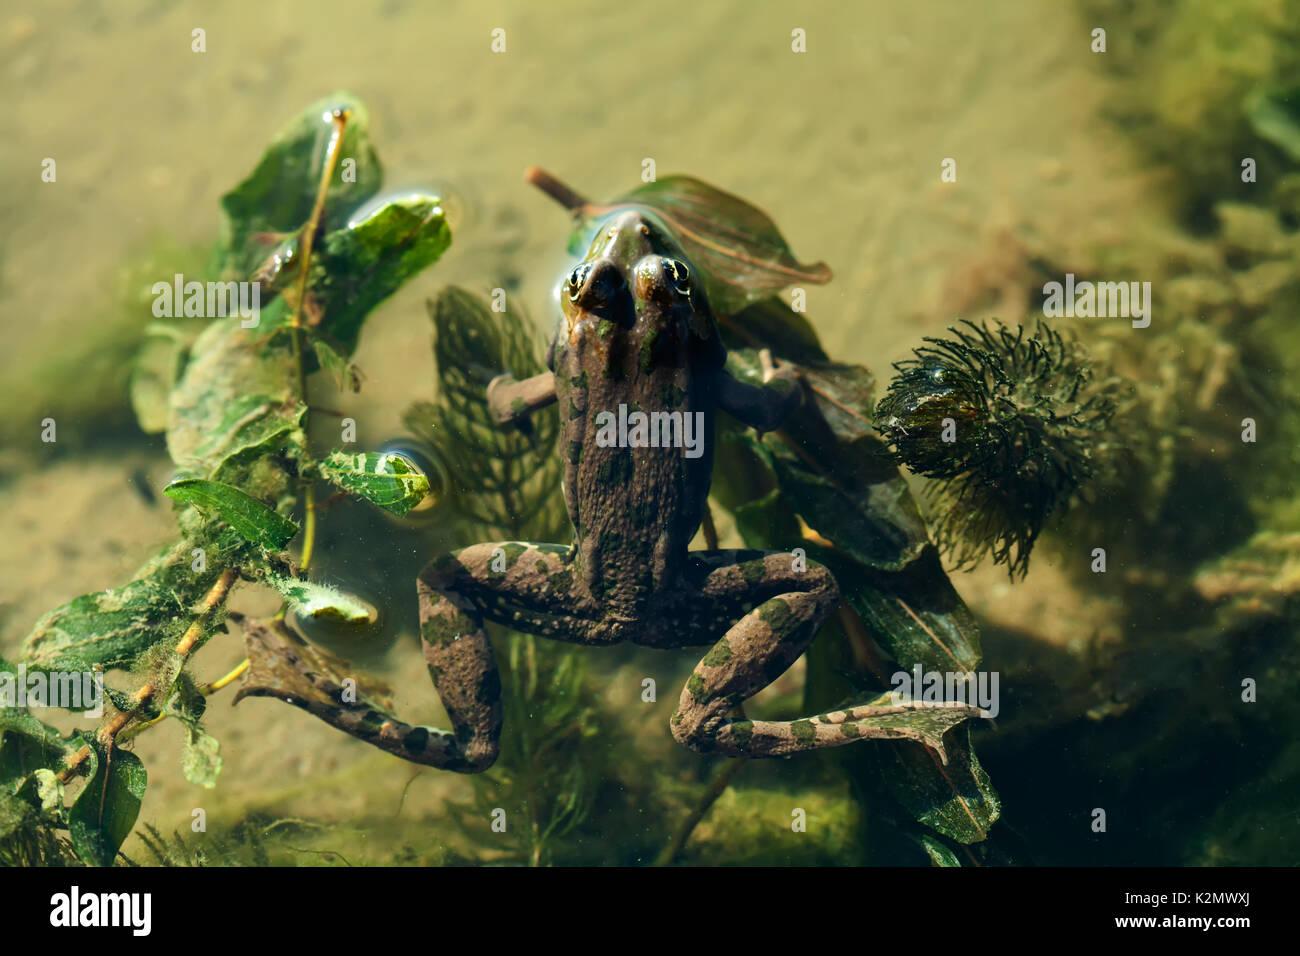 Hábitat natural marsh rana verde marrón de camuflaje anfibio Pelophylax ridibundus. Vista de arriba, el enfoque selectivo, Río de fondo plantas Imagen De Stock